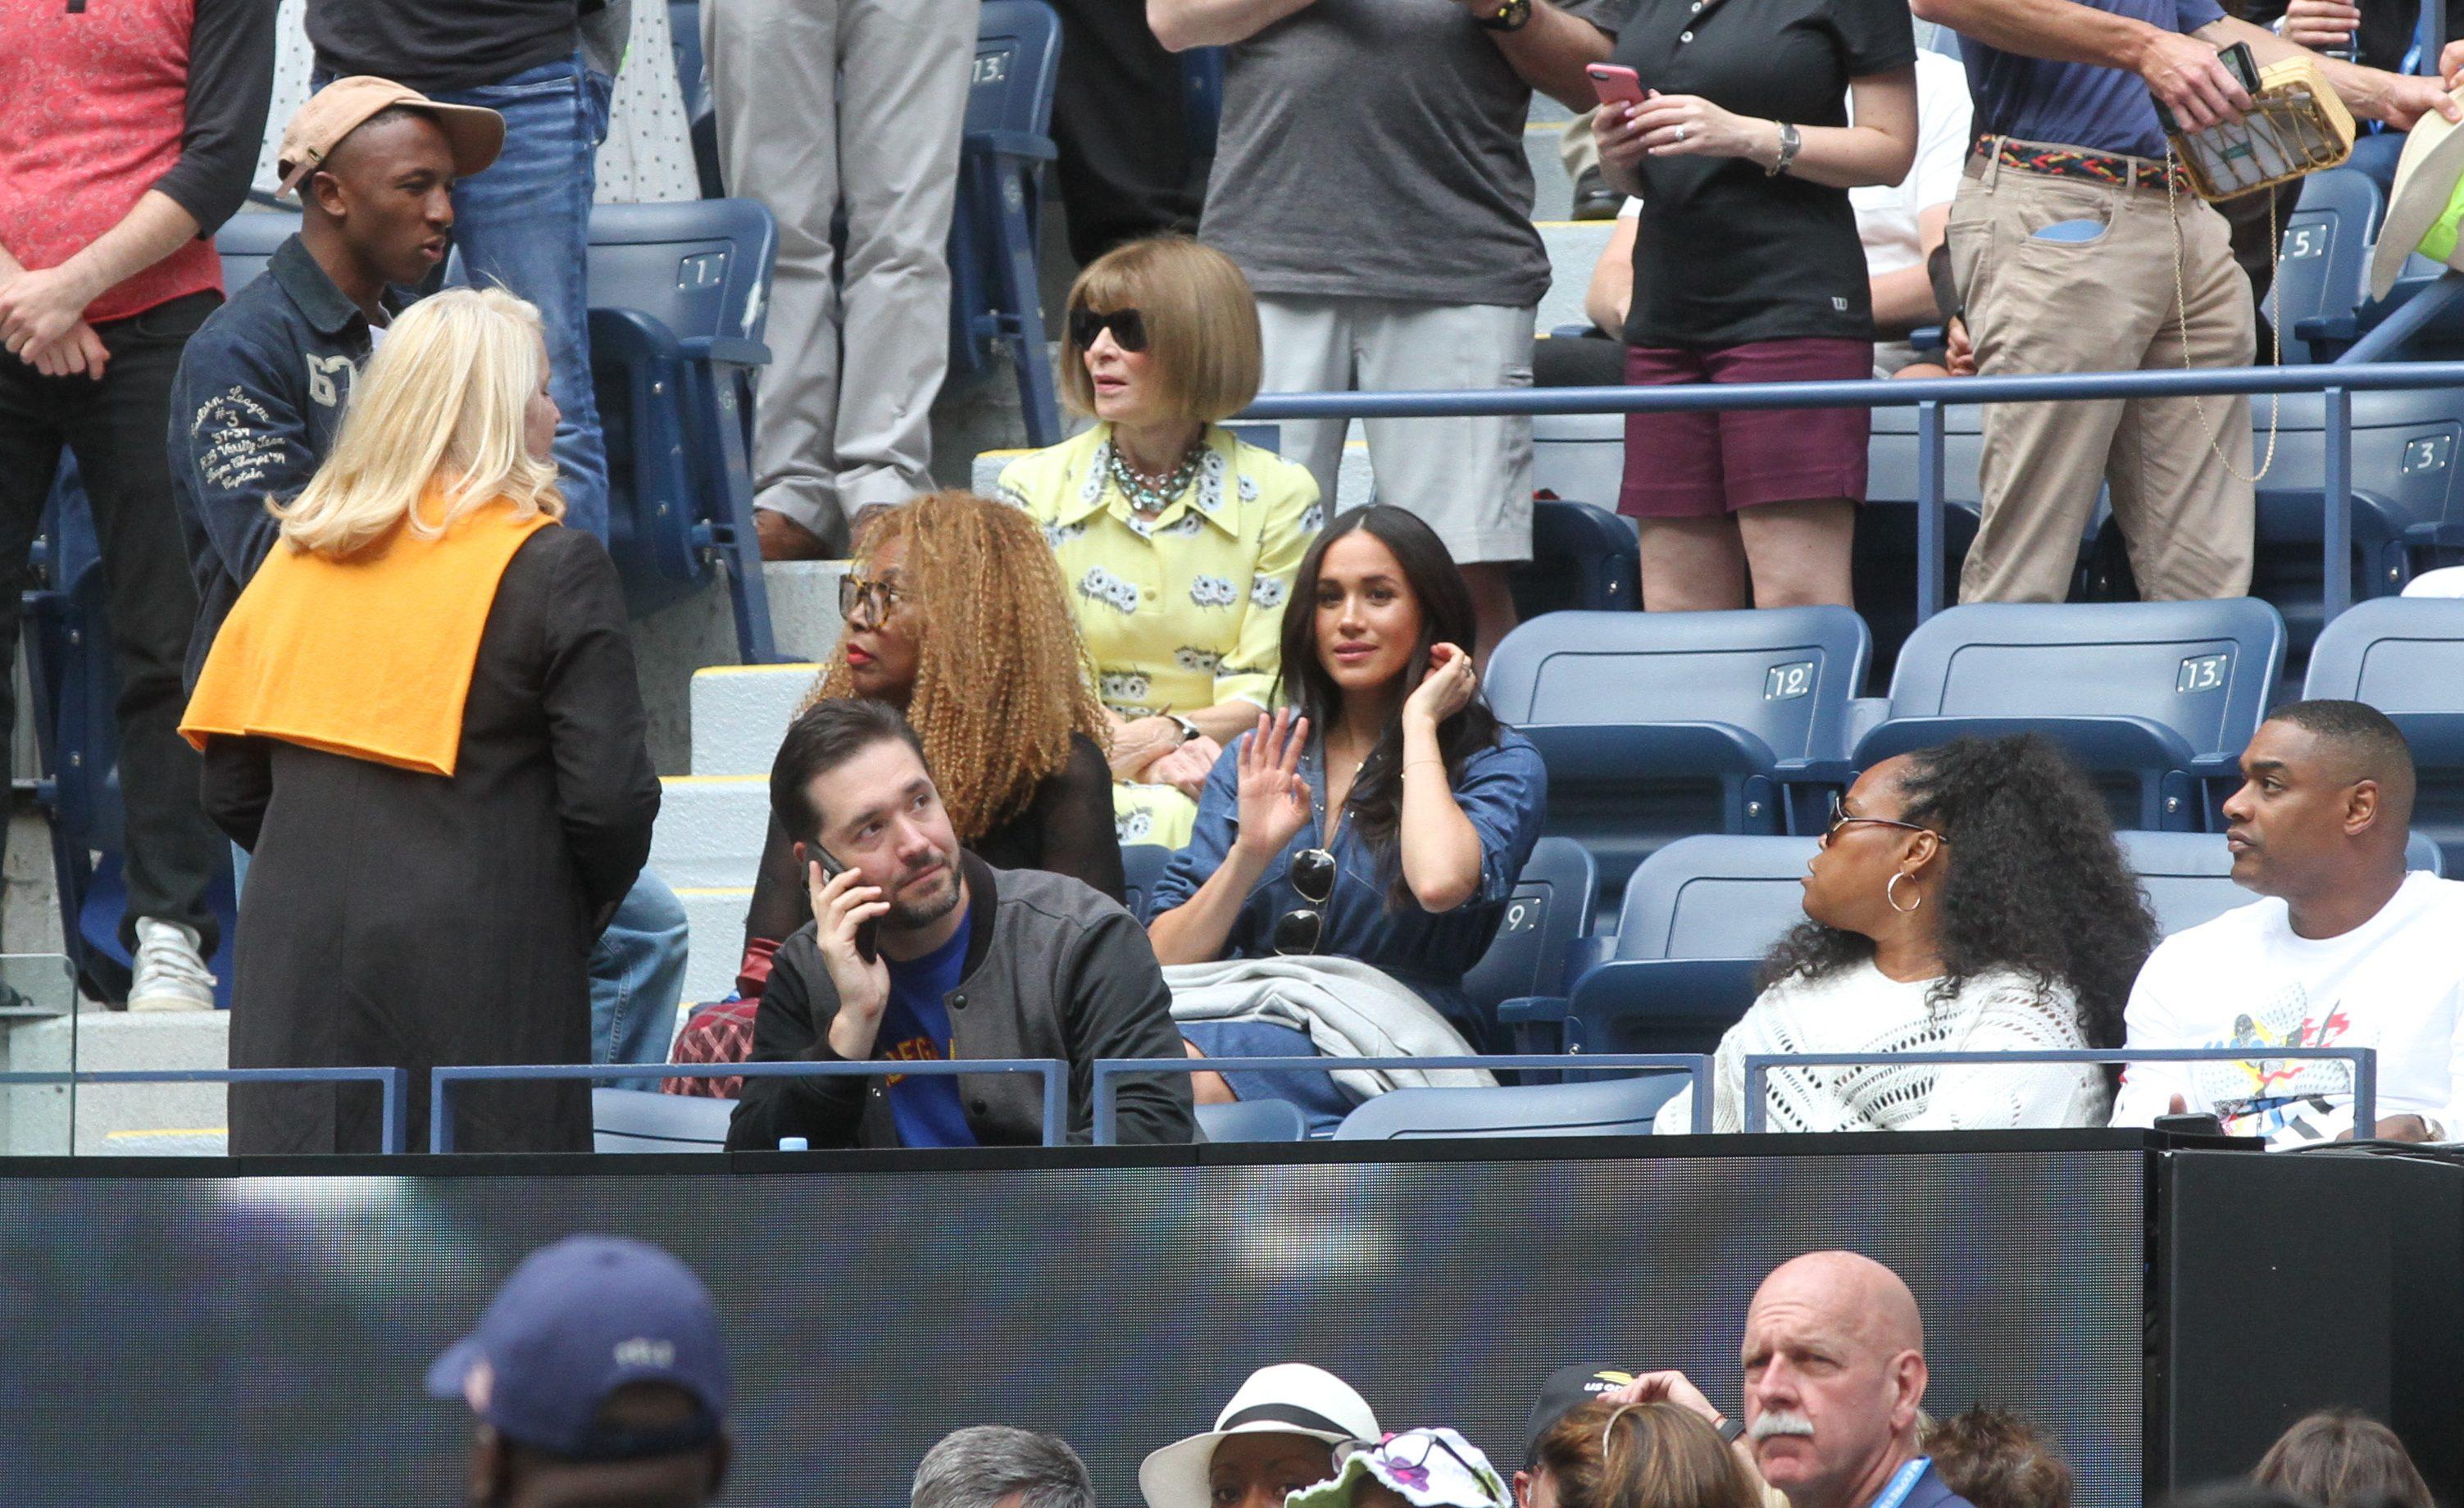 Anna Wintour, de amarillo, y Meghan Markle. / Foto: Mariela Lombard, El Diario NY